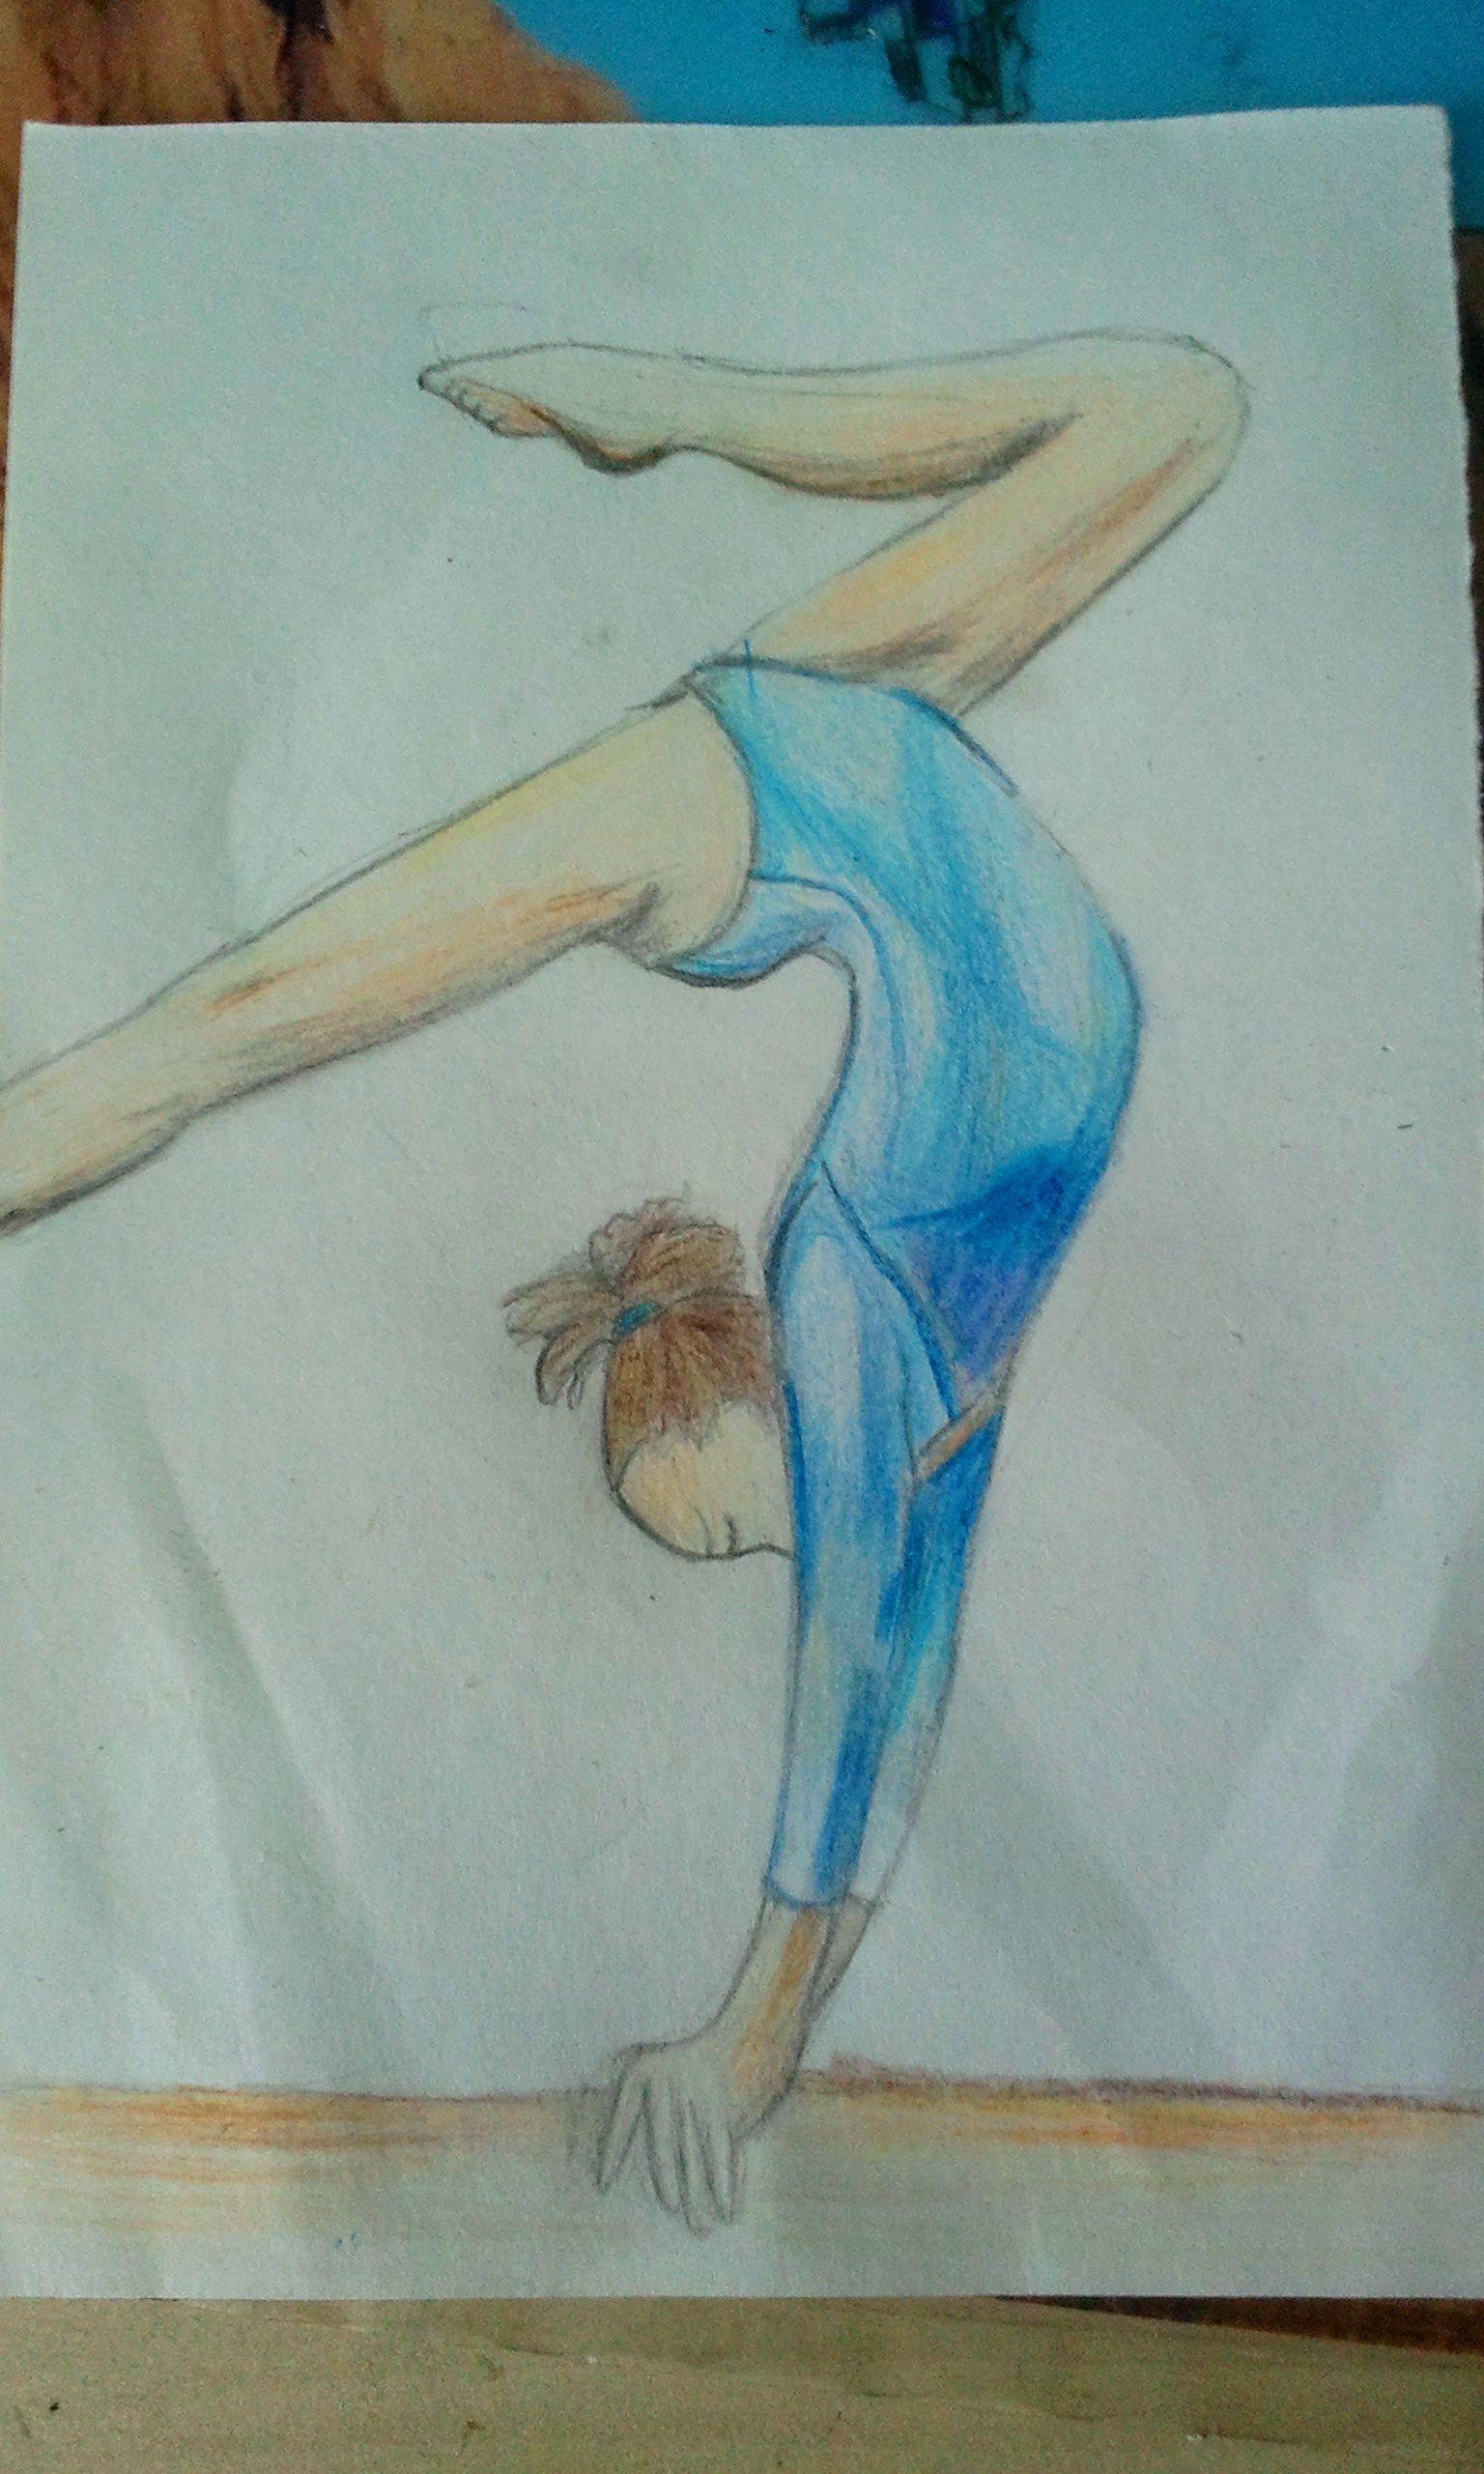 Dessin d 39 une gymnaste poutre gym pinterest dessin poutre et page - Dessin gymnaste ...